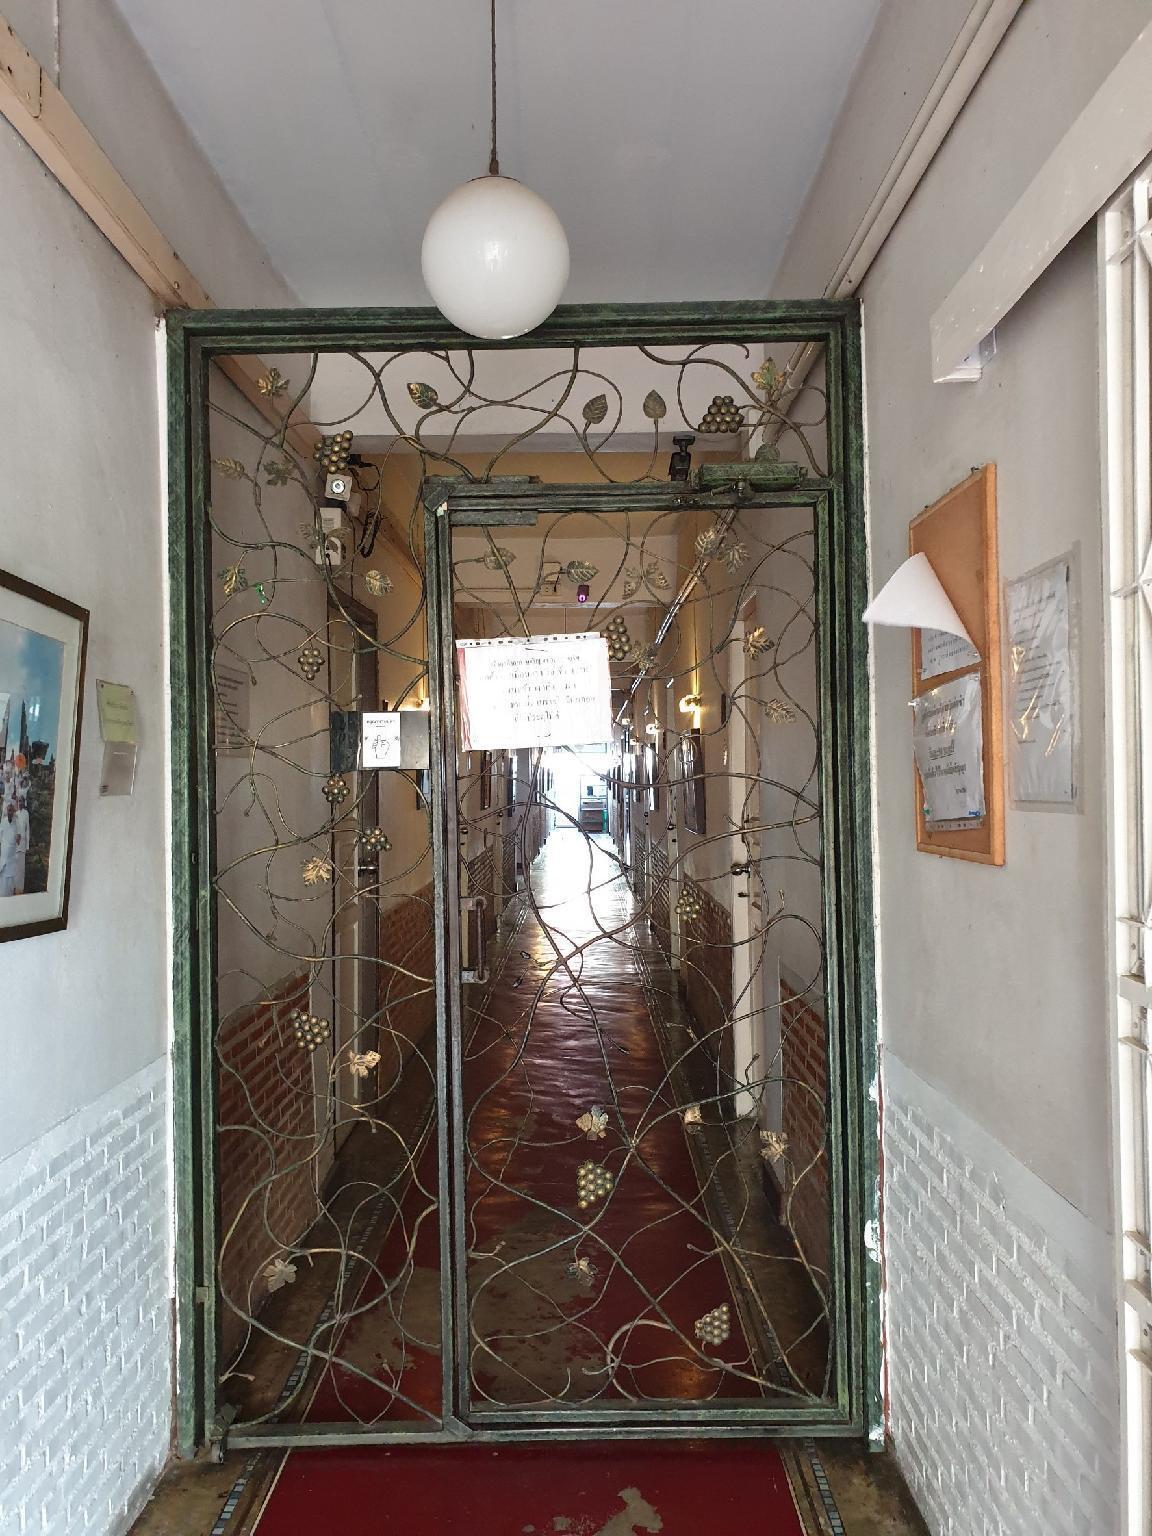 Dejaroen Place Resort อพาร์ตเมนต์ 1 ห้องนอน 1 ห้องน้ำส่วนตัว ขนาด 4 ตร.ม. – ปทุมธานี